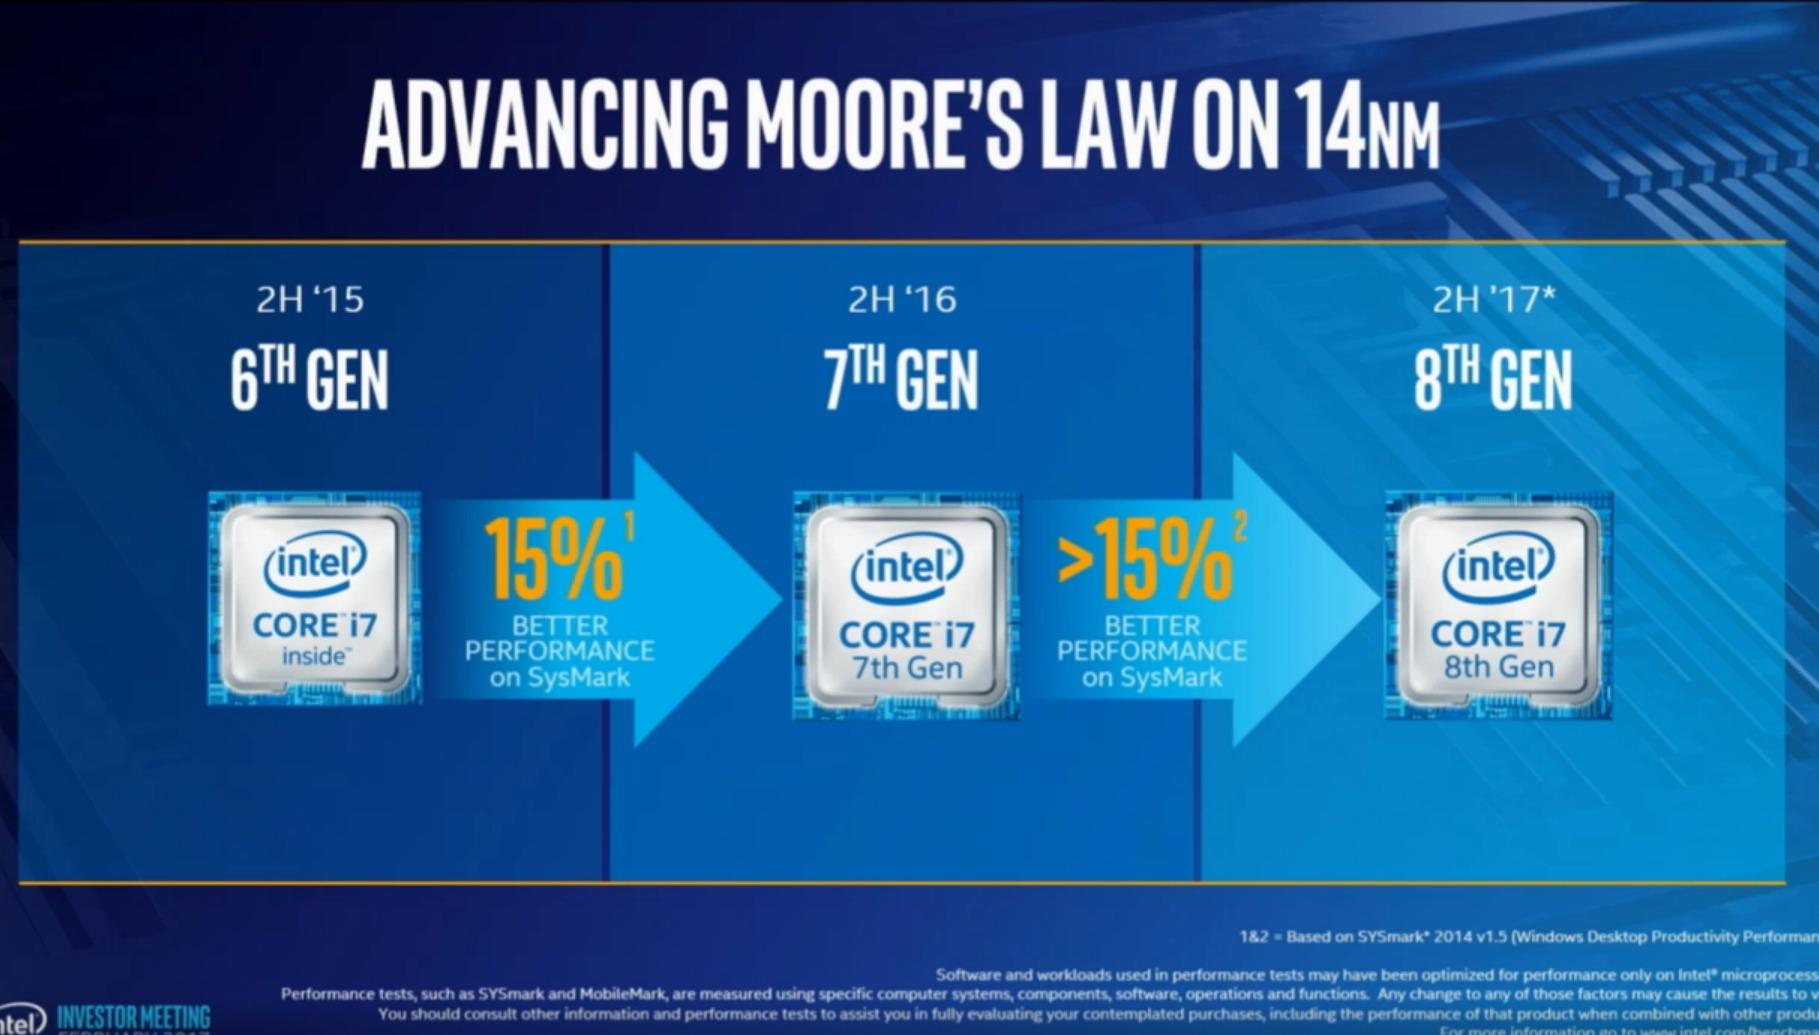 인텔이 자사의 14나노 기술을 8세대 코어 제품군까지 연장해 적용할 계획이라고 밝혔다.